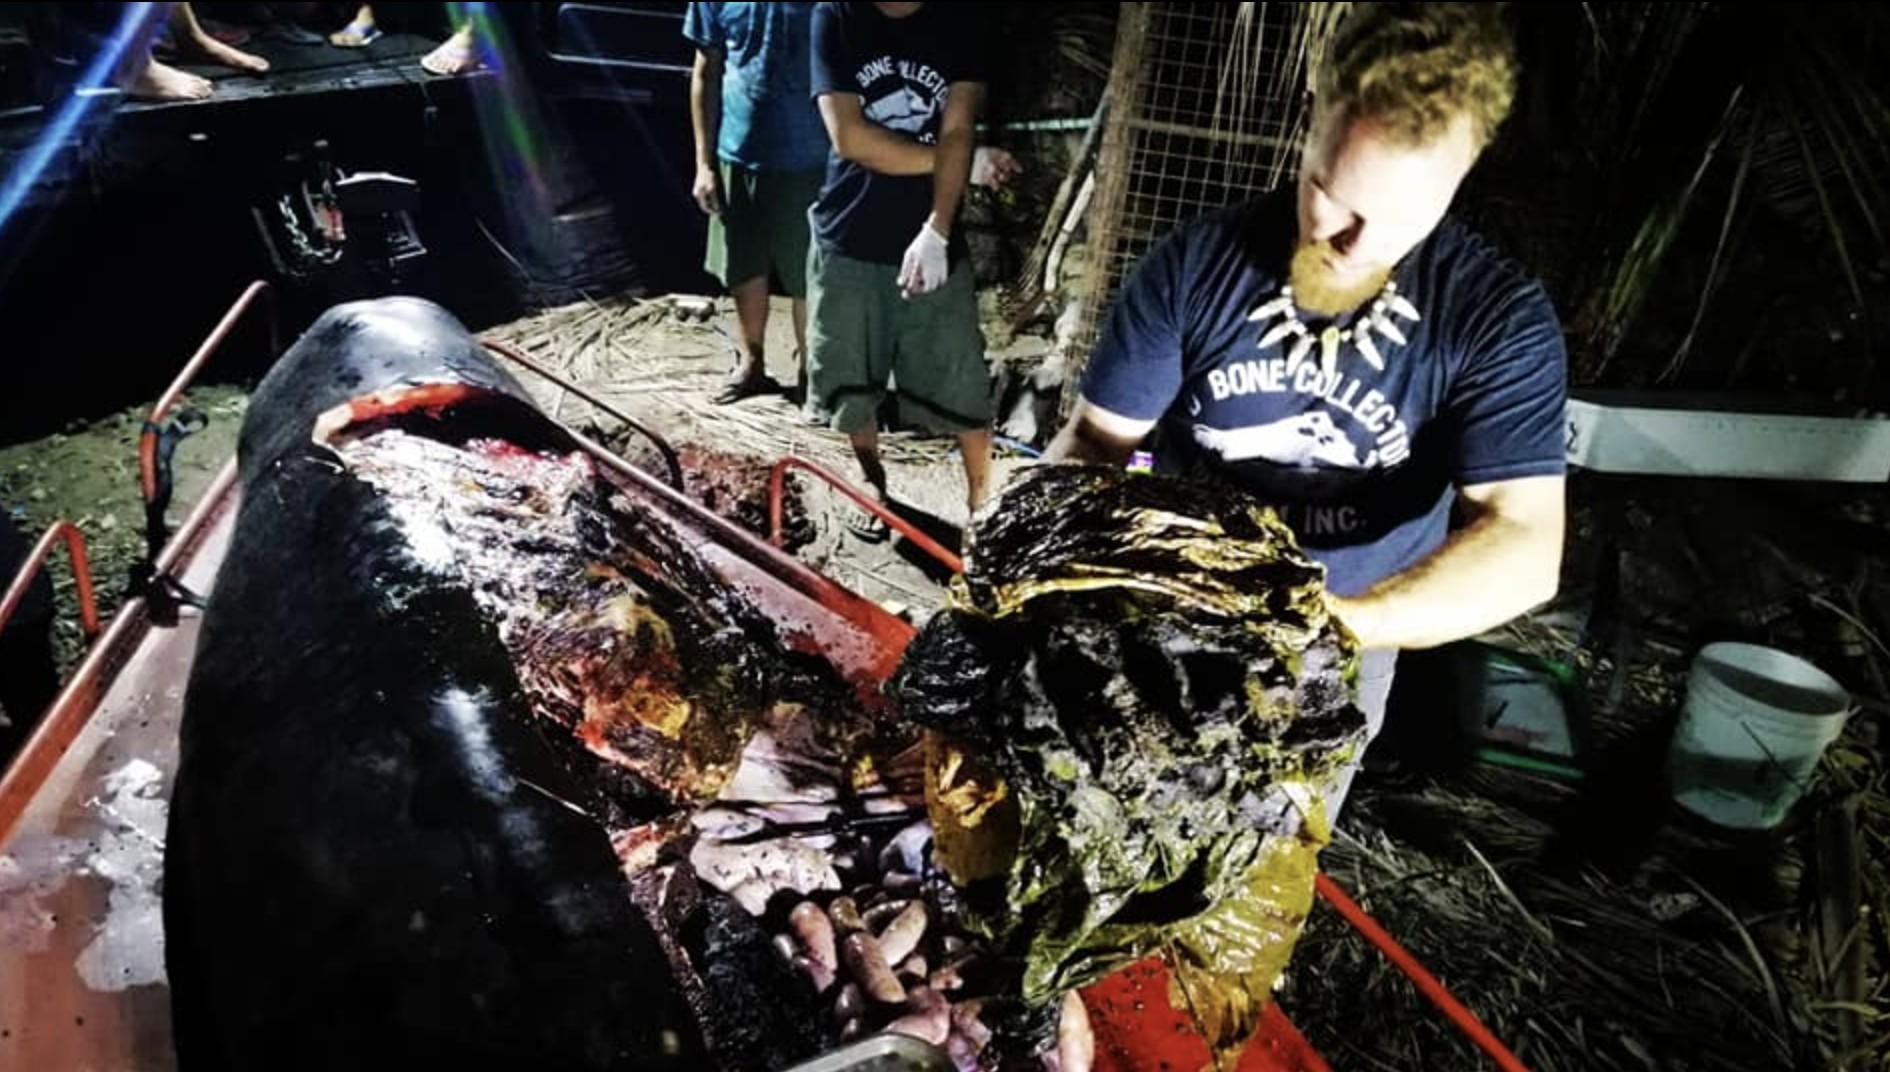 Equipe retira quilos de plástico do estômago da baleia (Foto: Reprodução/ Facebook D' Bone Collector Museum Inc.)